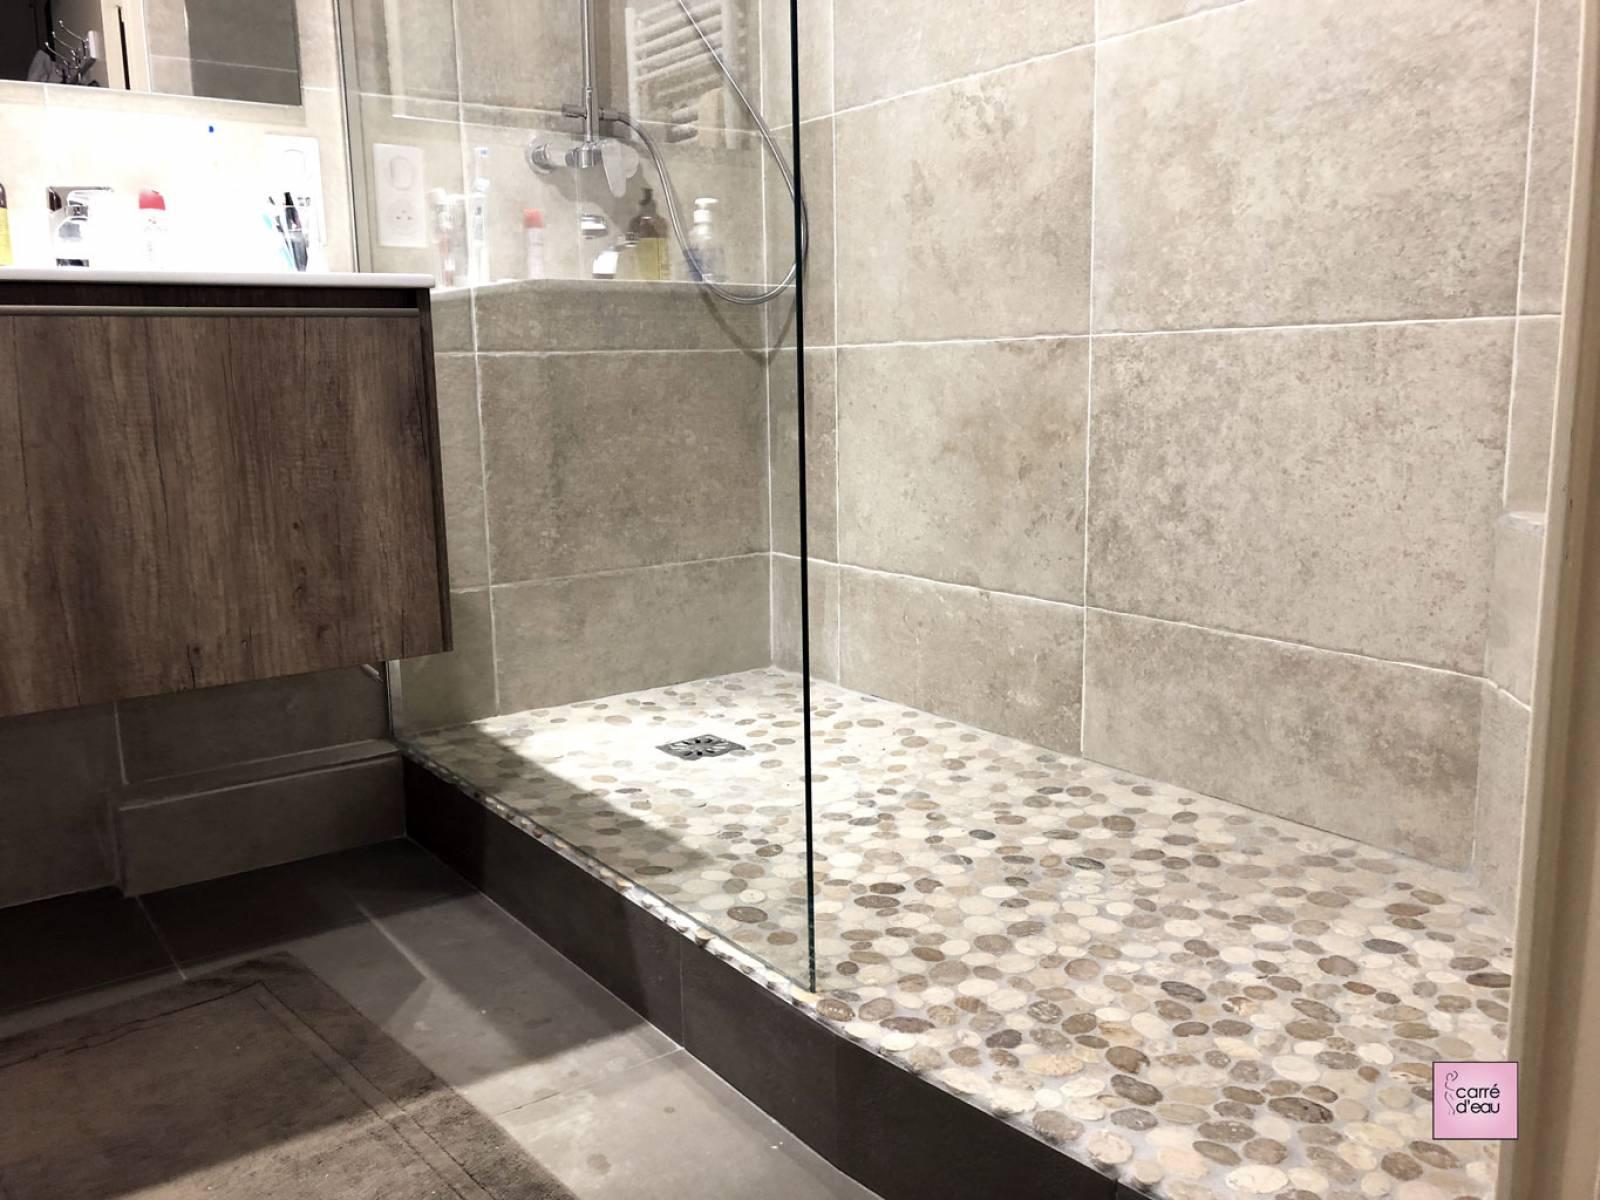 Salle de bain de 15m15 complète et confortable à Montpellier - Carré